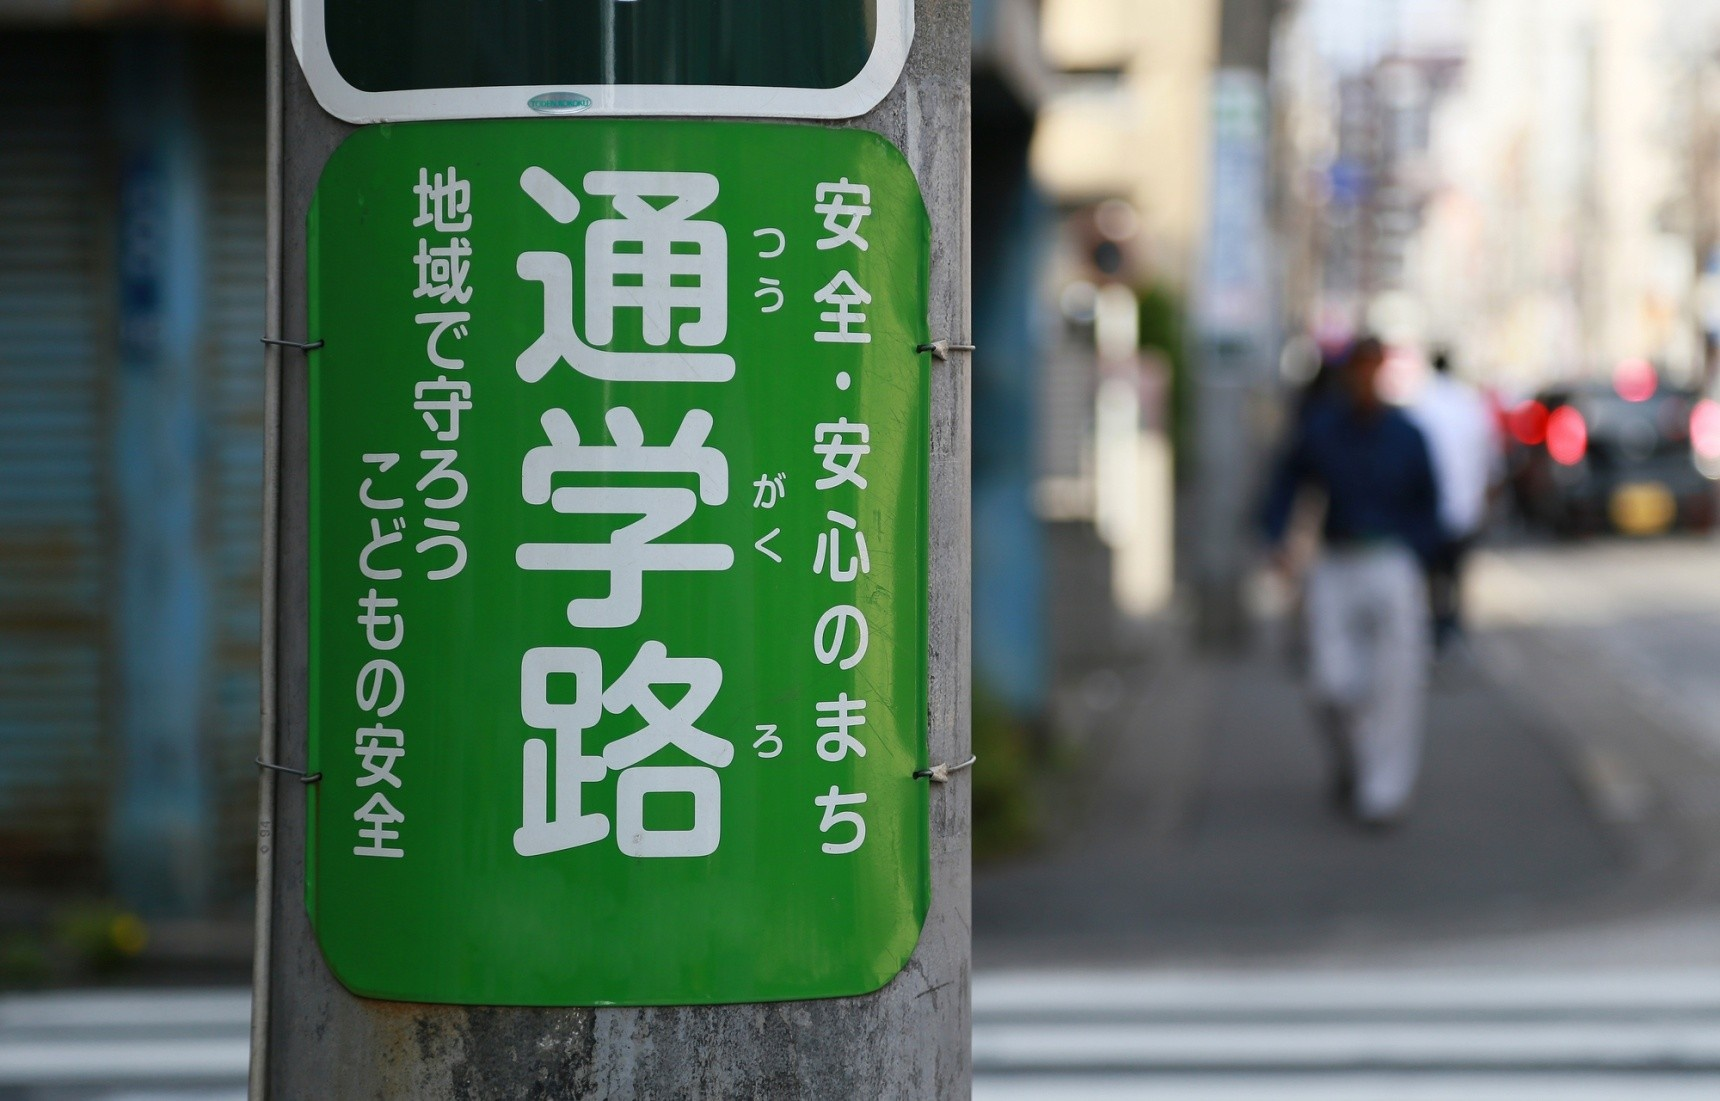 日本文化:日本小学生迈向独立的第一步——「通学路」